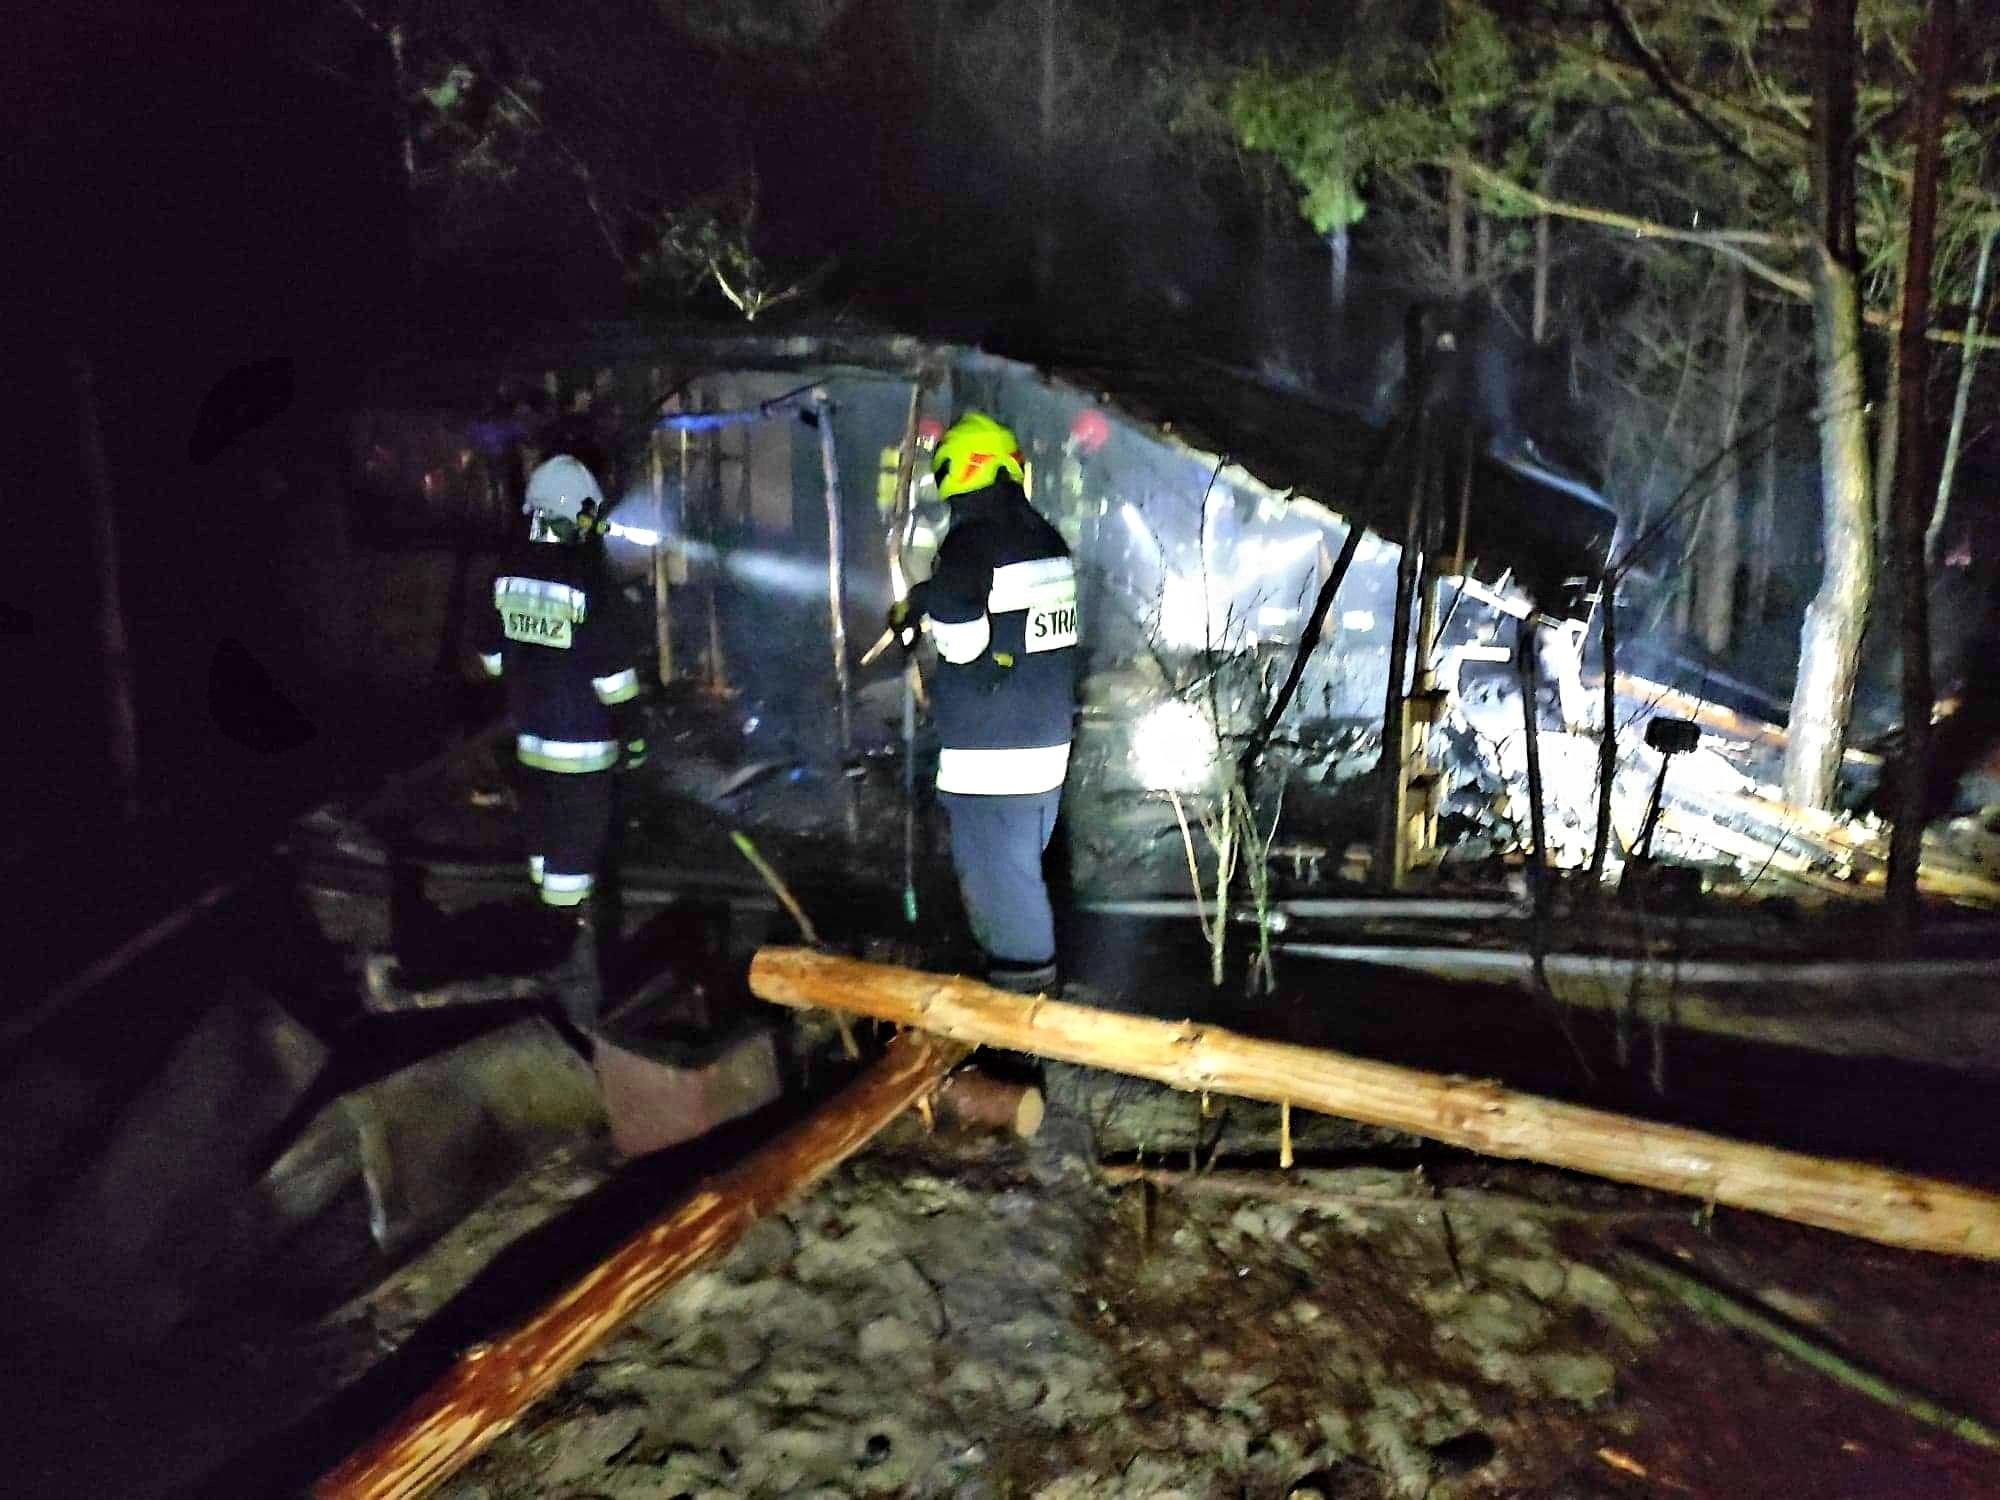 Nocny pożar w Ostrowach  Baranowskich [ZDJĘCIA] - Zdjęcie główne